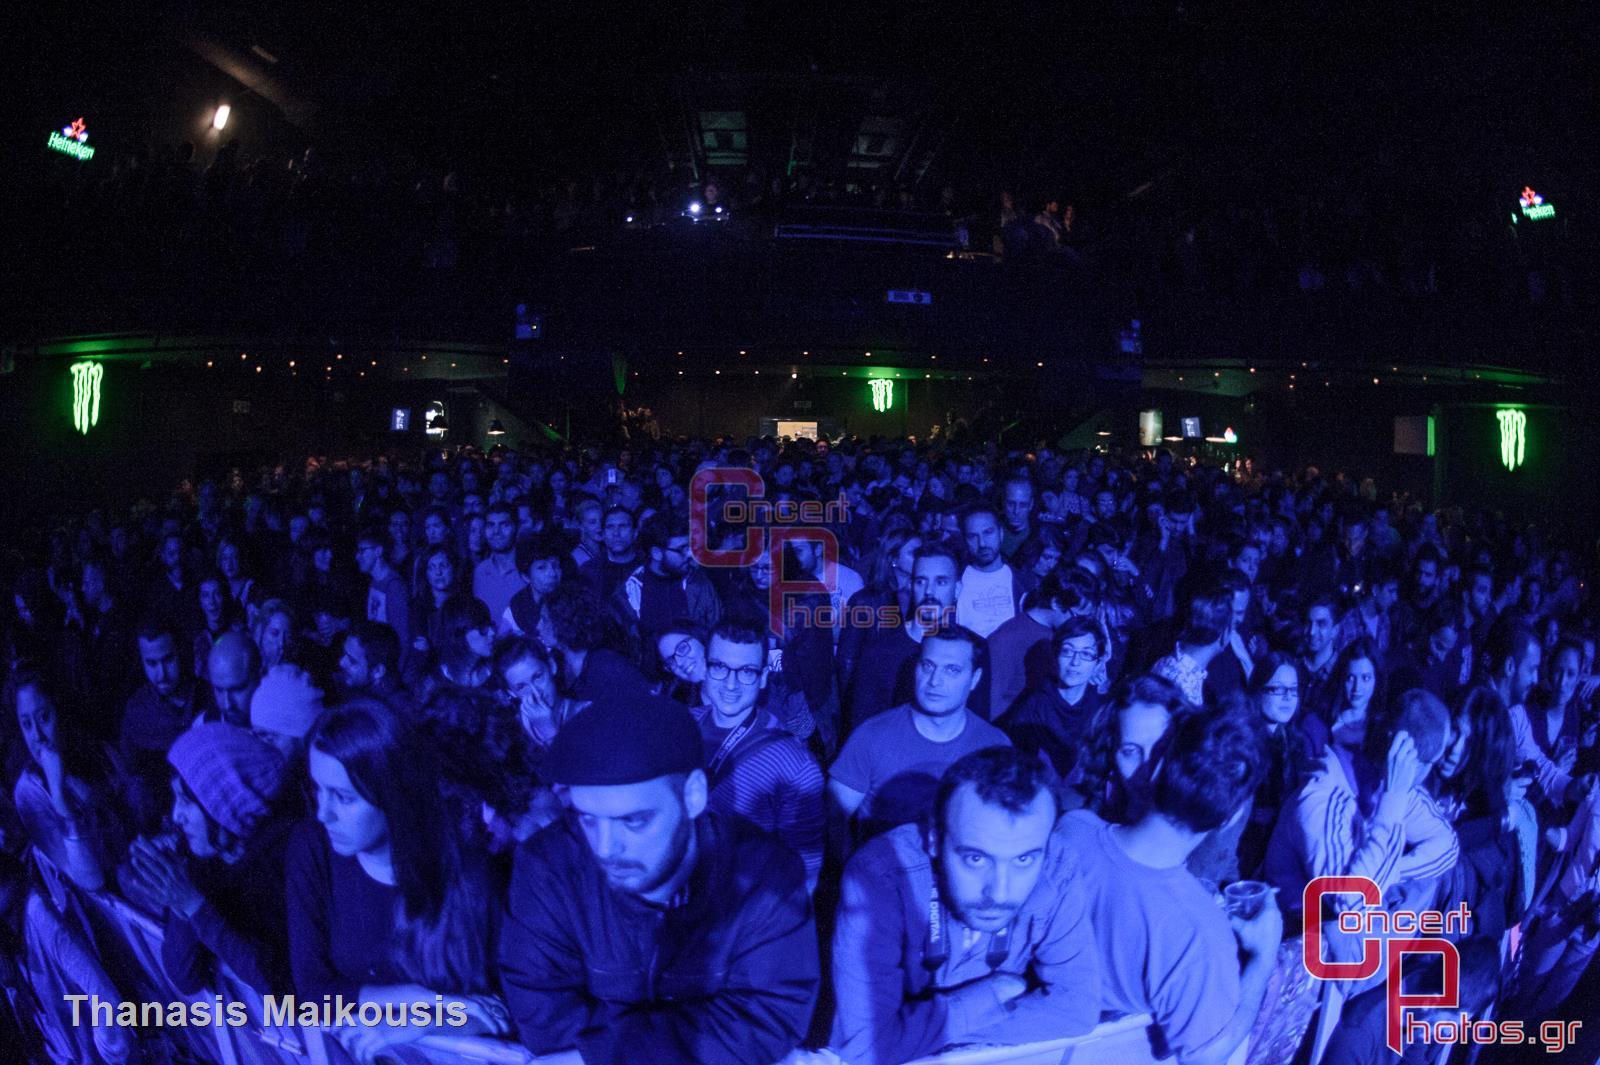 Morcheeba-Morcheeba Gagarin photographer: Thanasis Maikousis - ConcertPhotos-1365